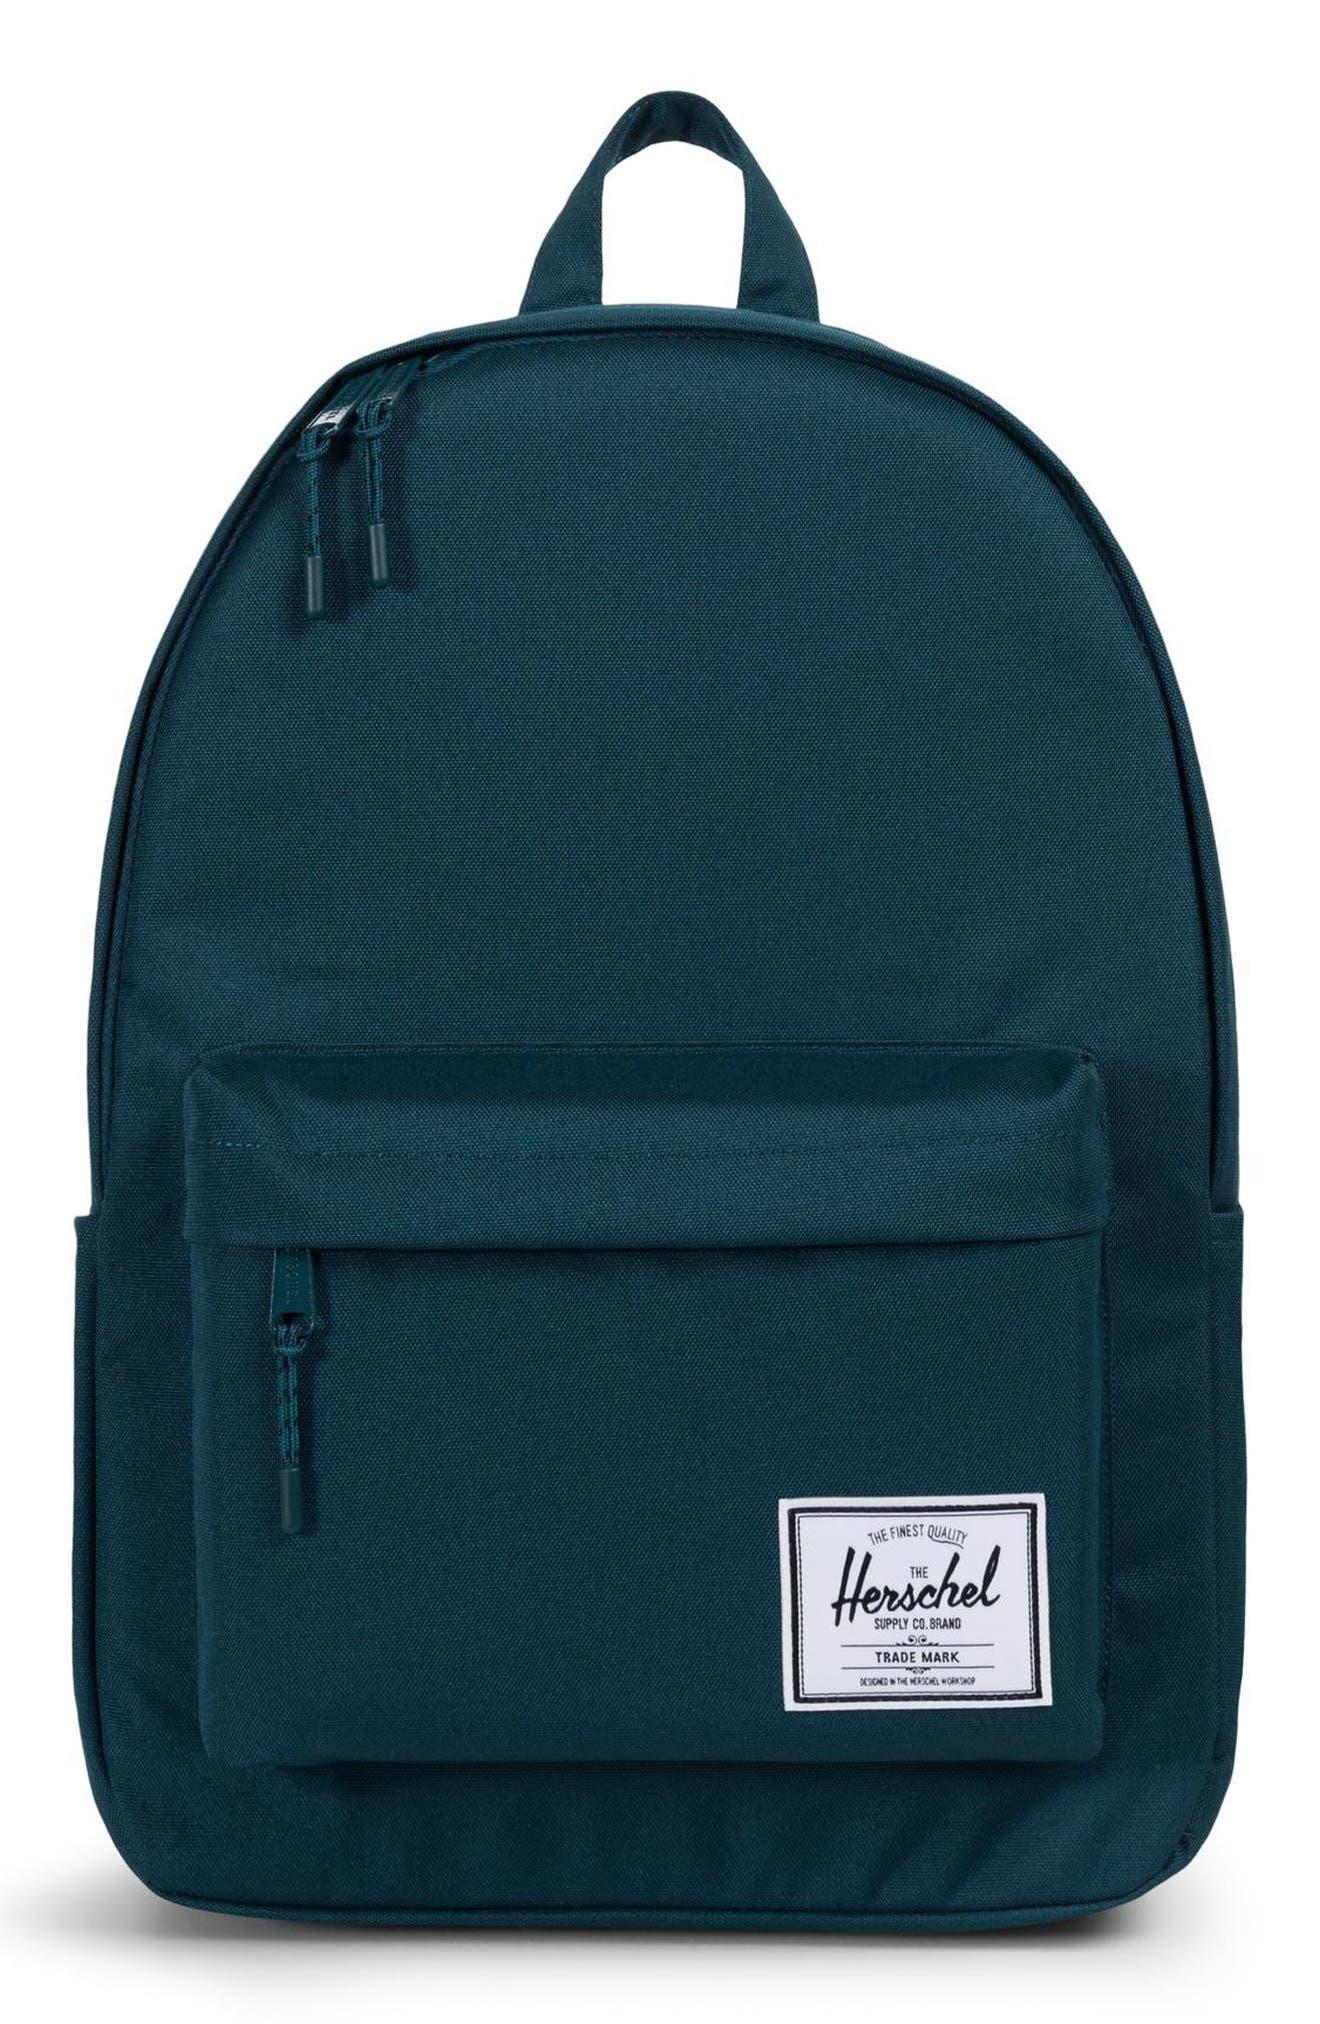 Herschel Supply Co. Classic Xl Backpack - Blue/green